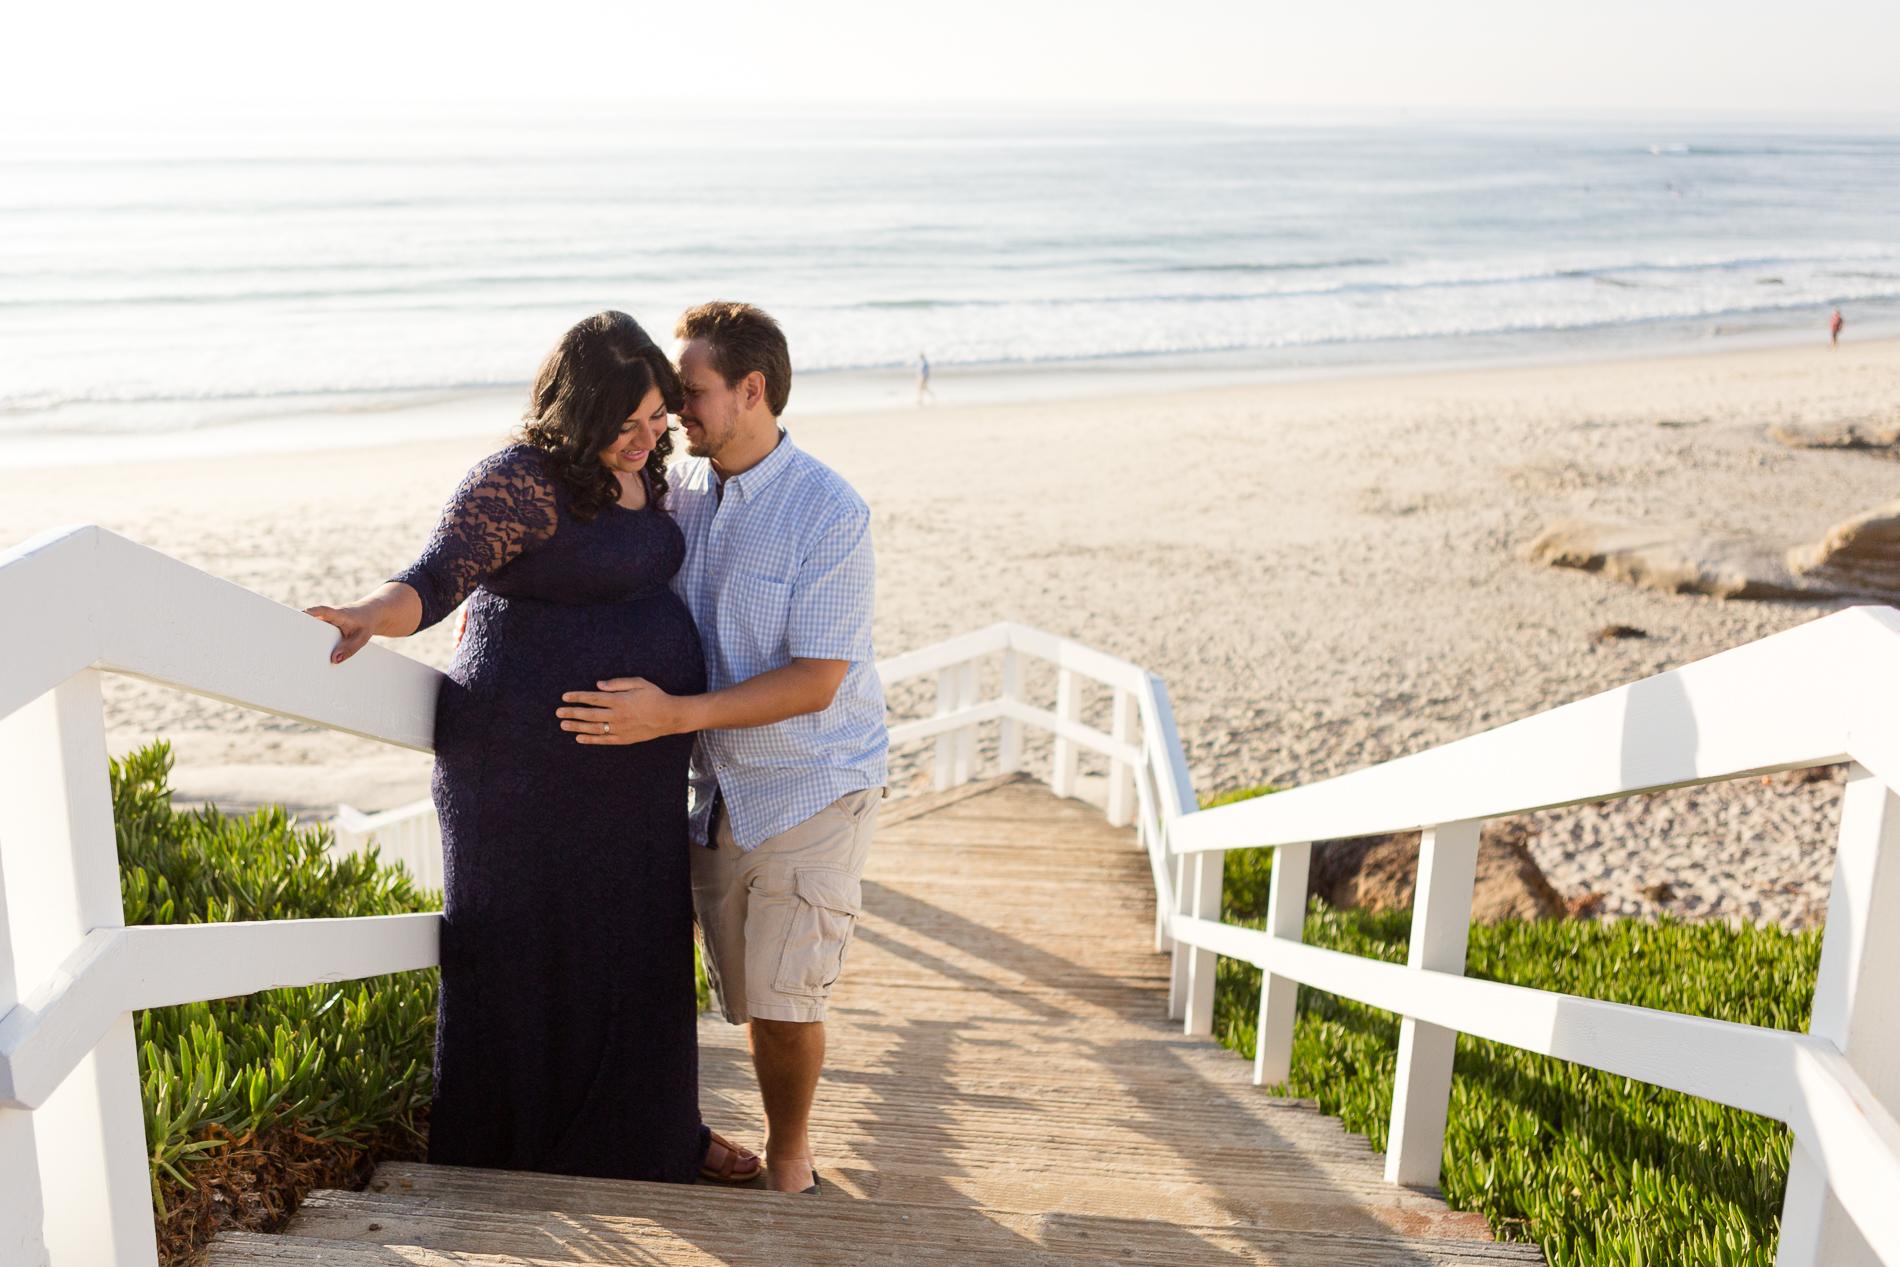 San Diego Maternity Photographer Christine Dammann Photography Couple on beach 1